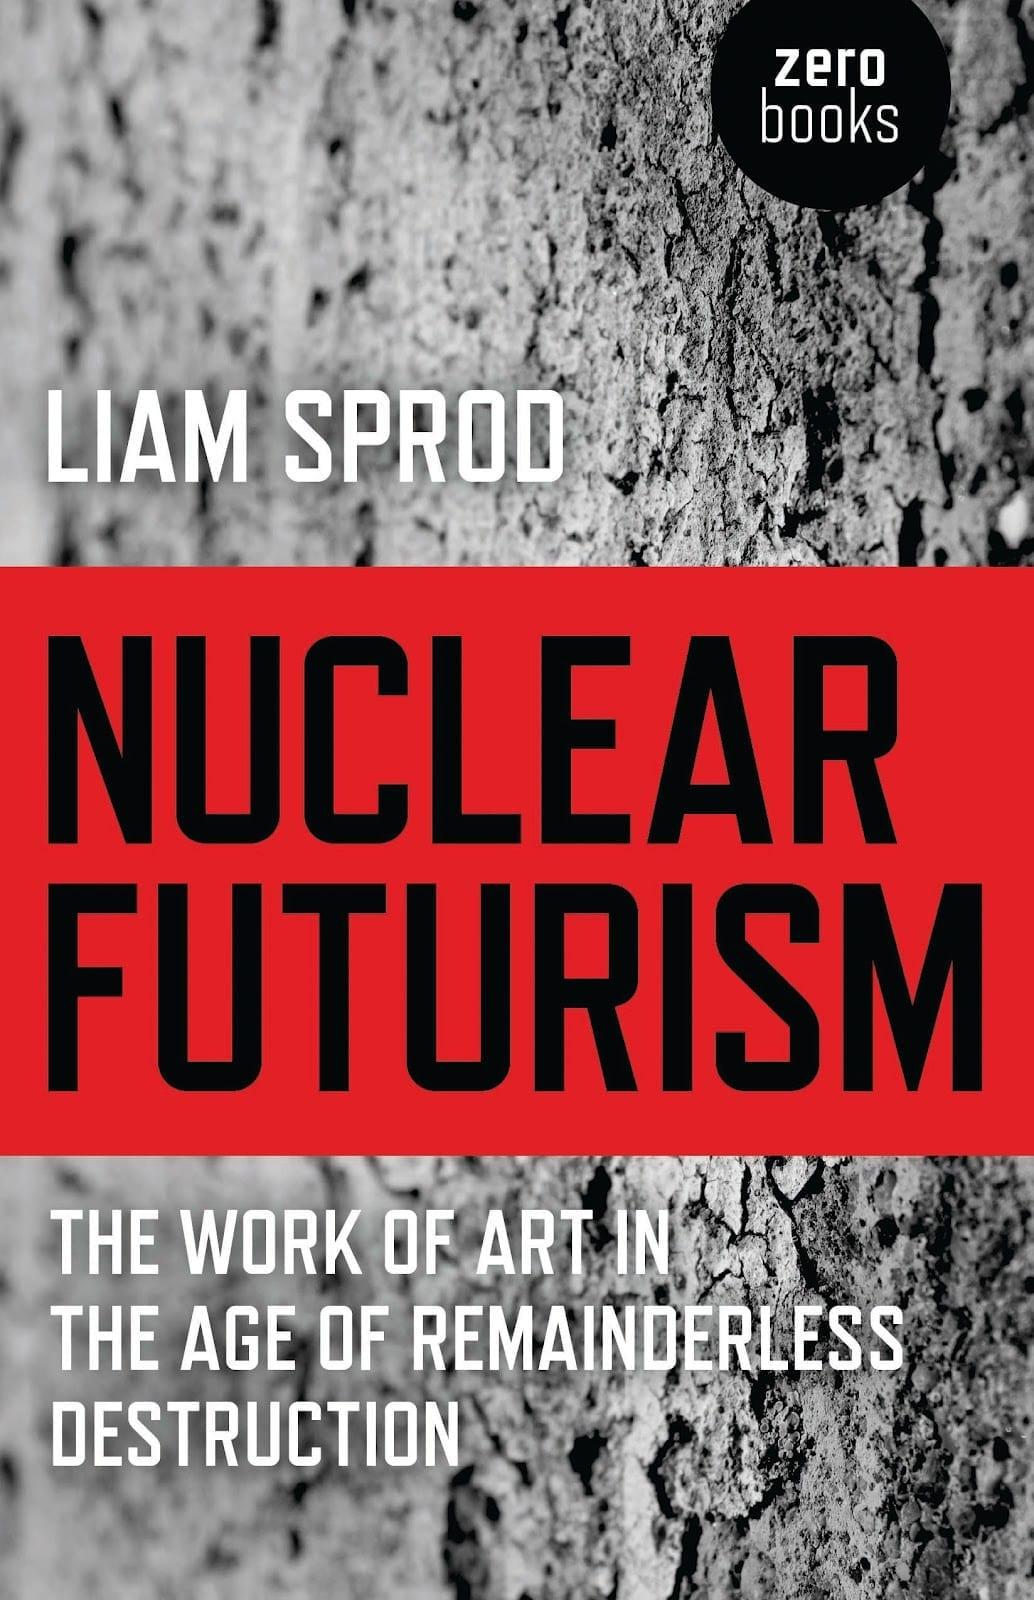 Book presentation: Nuclear Futurism